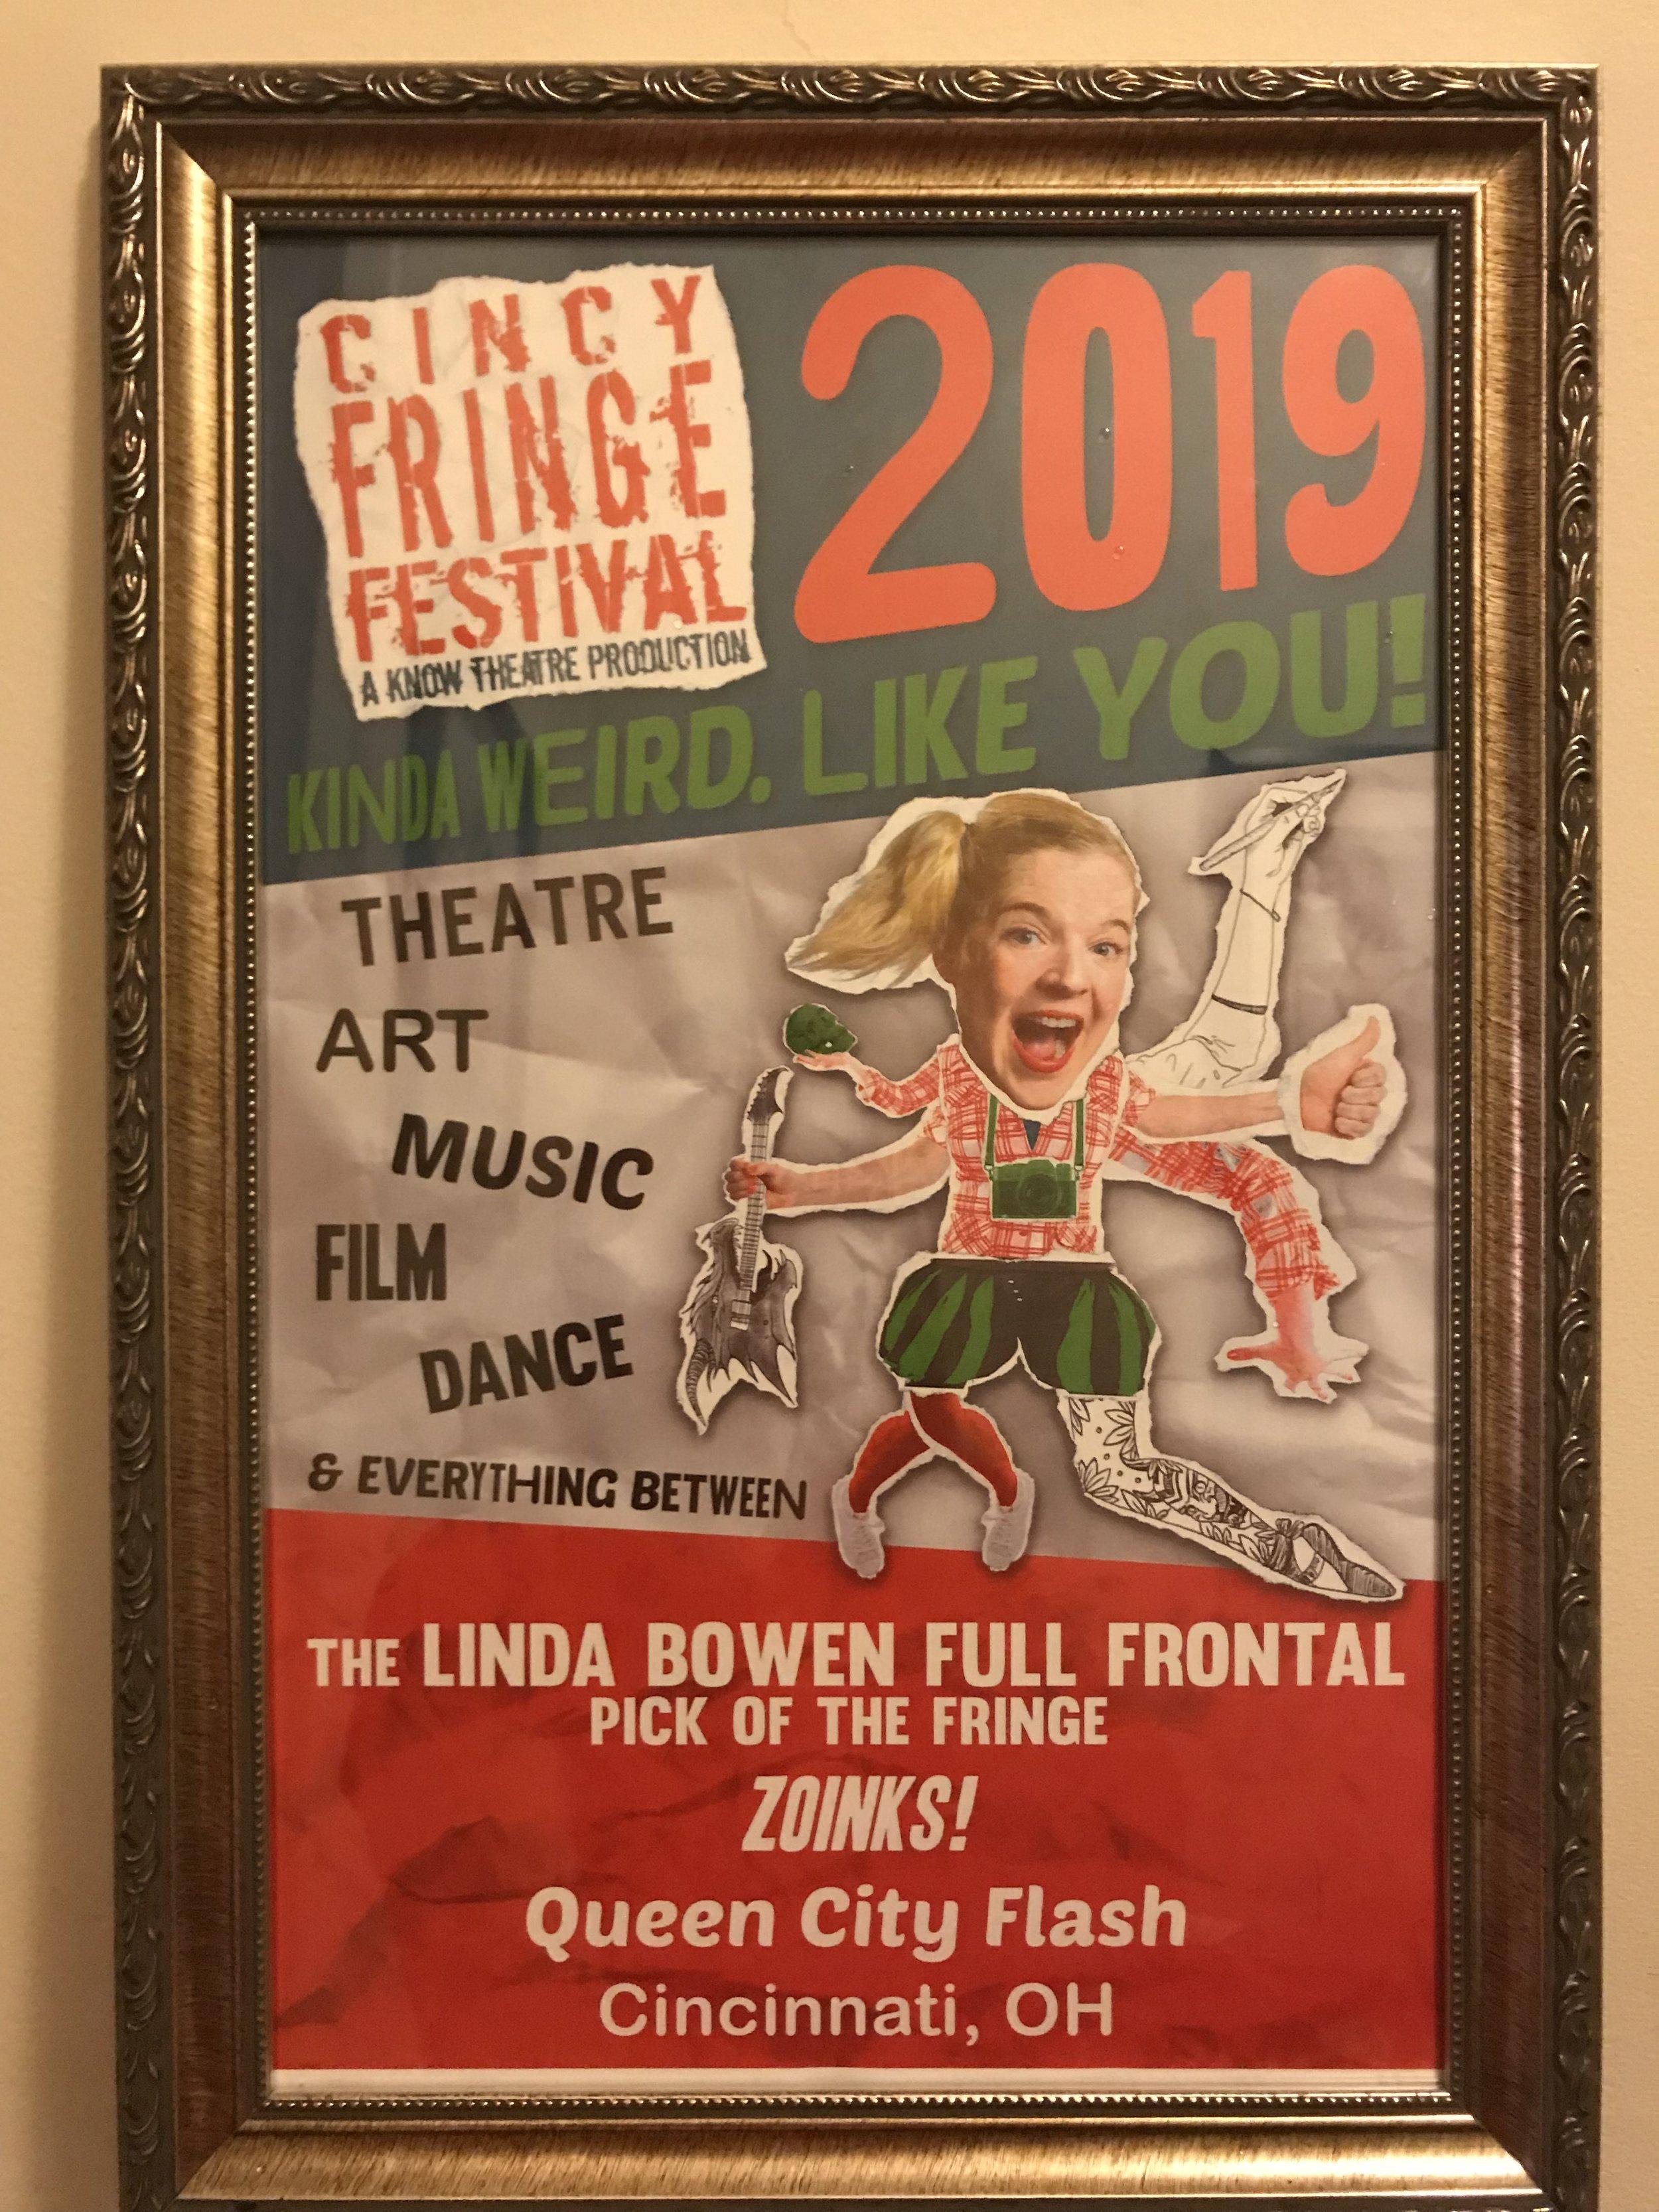 2019 WINNER of the Linda Bowen Full Frontal Pick of the Fringe.